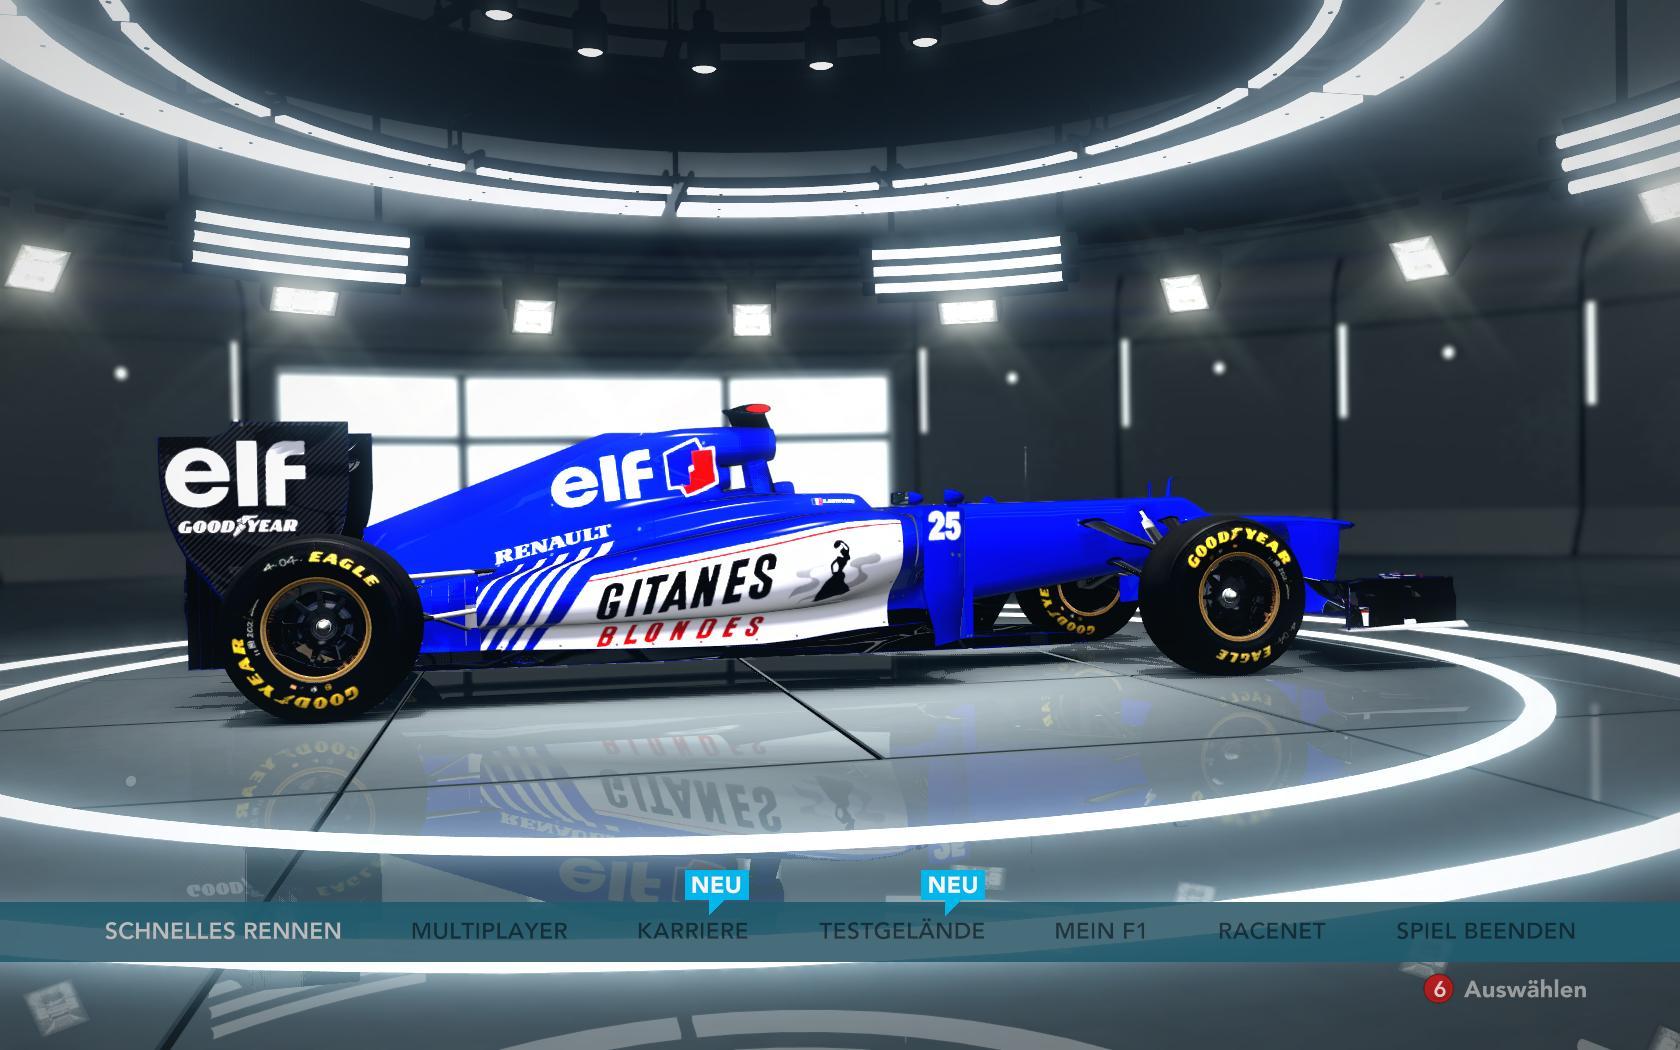 1994-Ligier-car.jpg